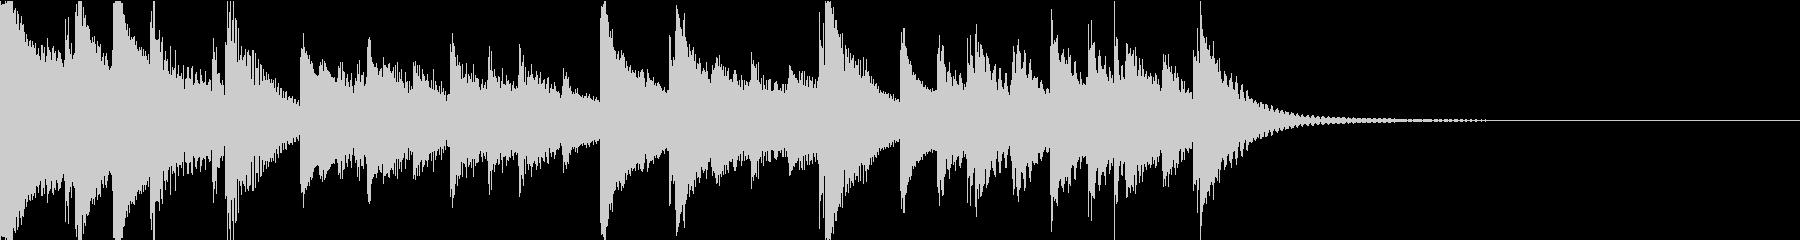 打楽器によるほのぼの系ジングルの未再生の波形